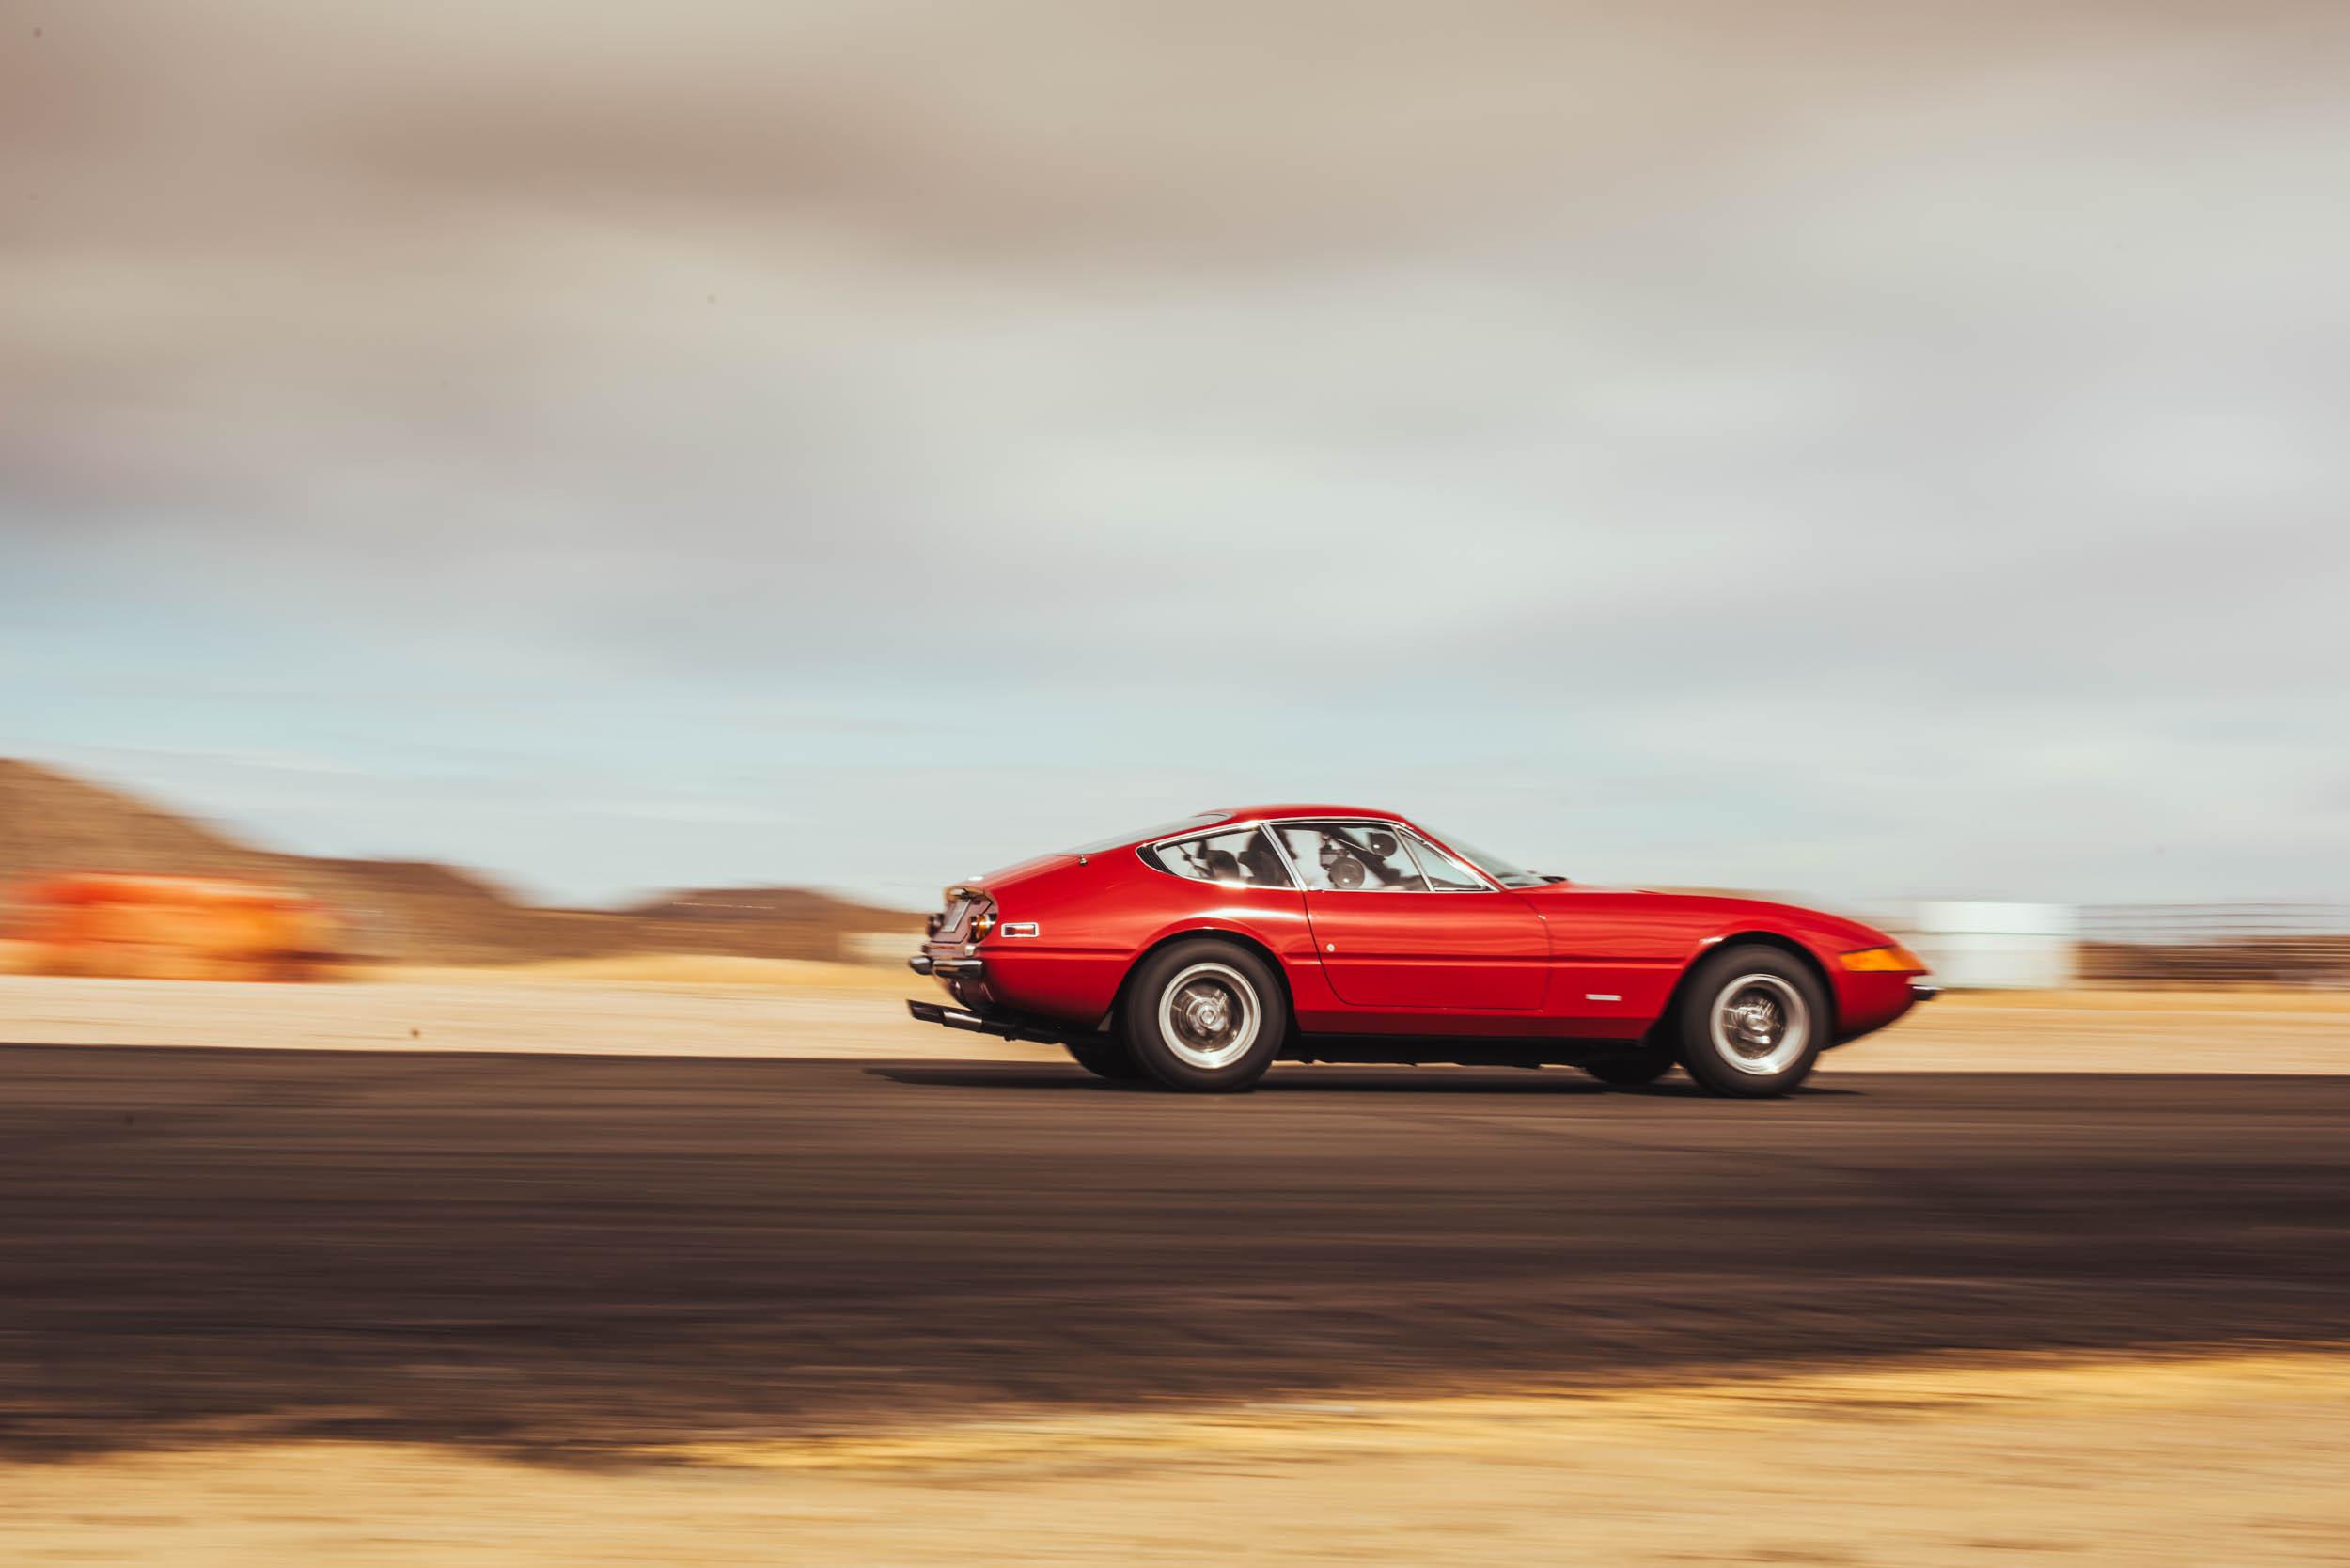 1971 Ferrari Daytona 365 GTB/4 profile